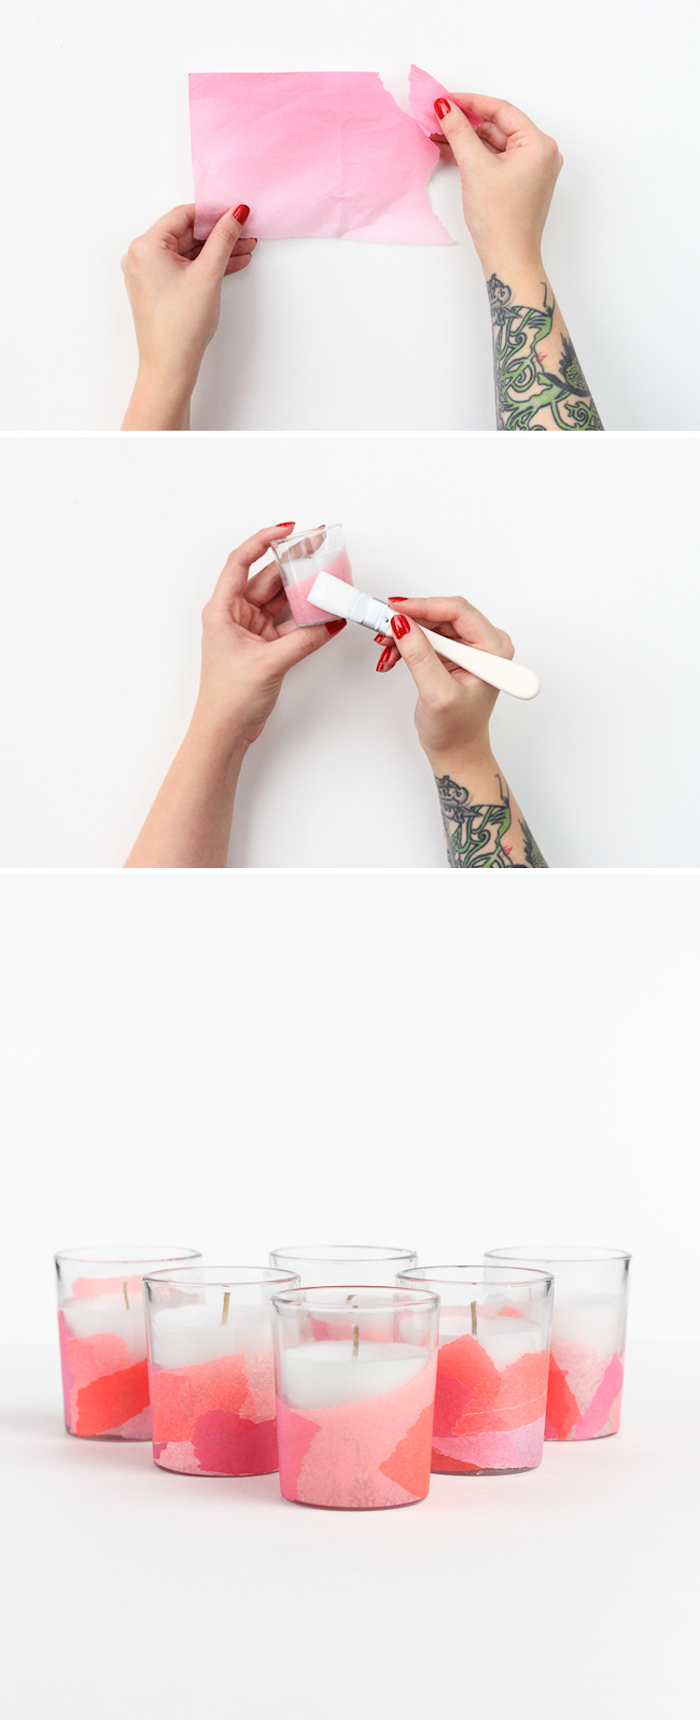 D co diy chambre plus de 90 projets super faciles pour personnaliser sa chambre obsigen - Activite manuelle pot en verre ...